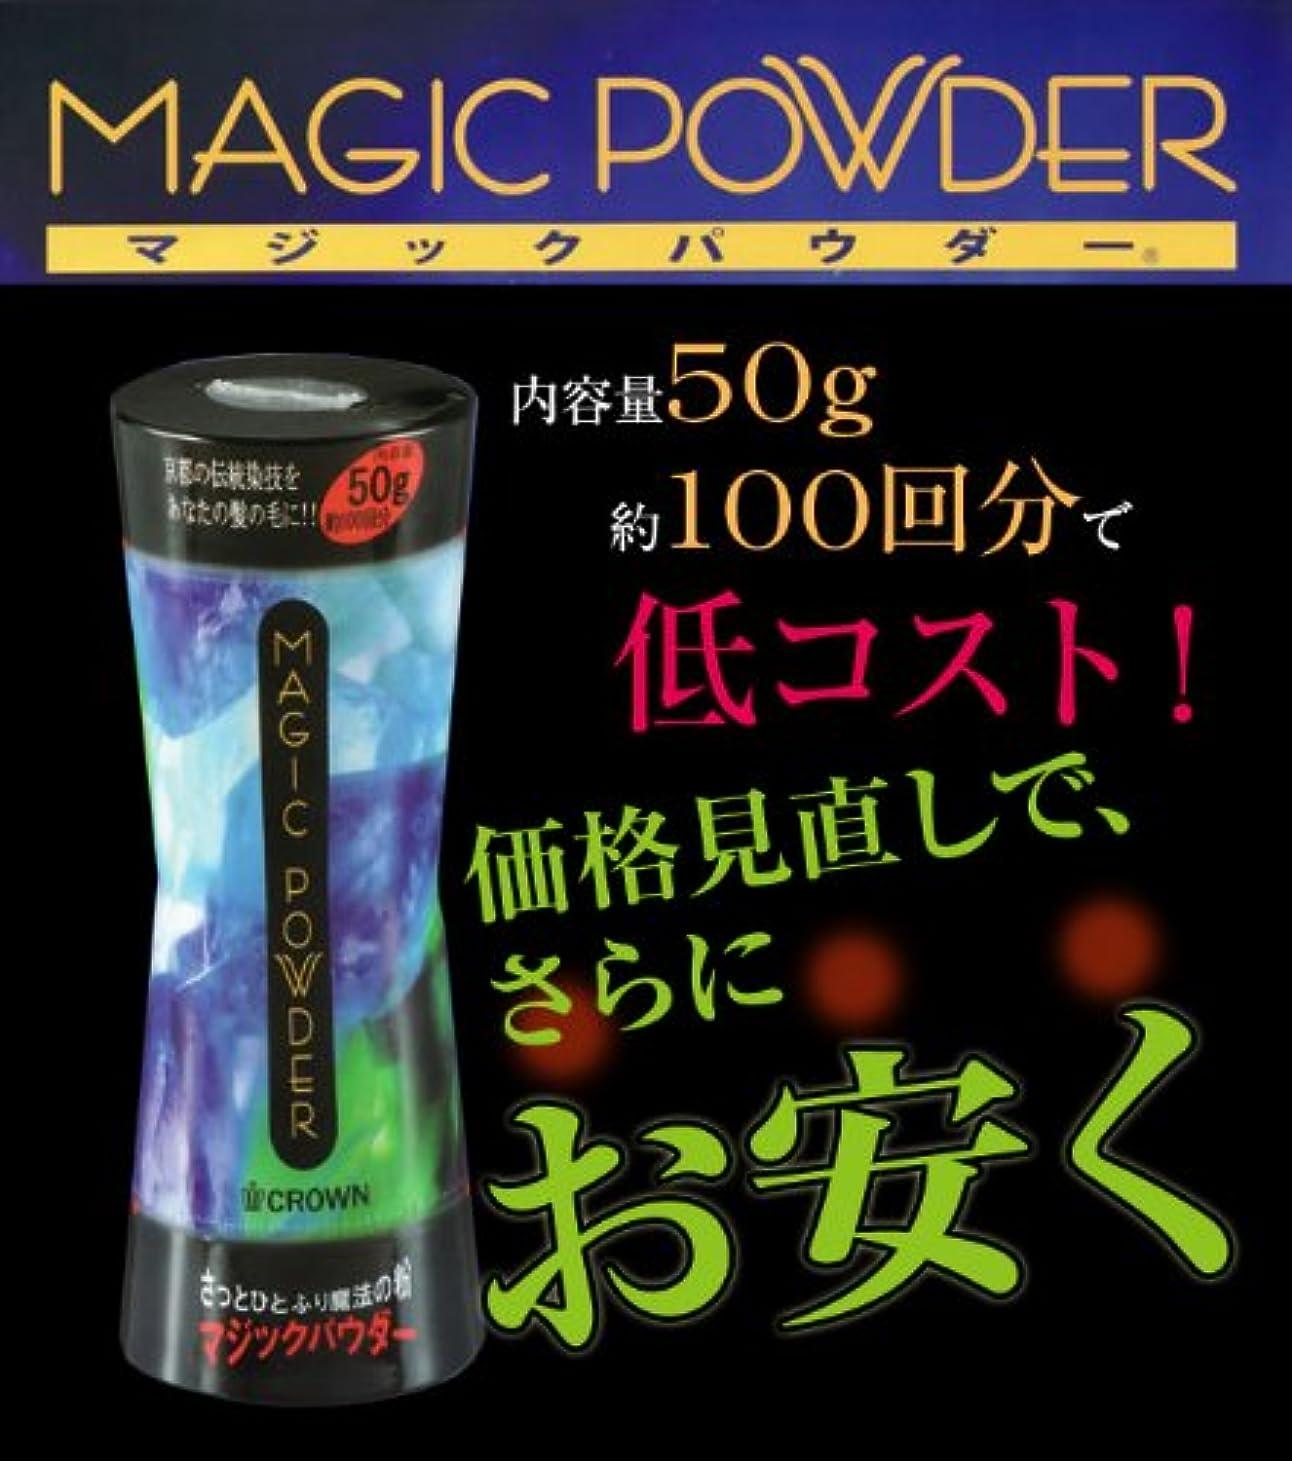 ボイド森林リズムマジックパウダー 50g 【ダークブラウン】【約100回分】【男女兼用】【MAGIC POWDER】薄毛隠し